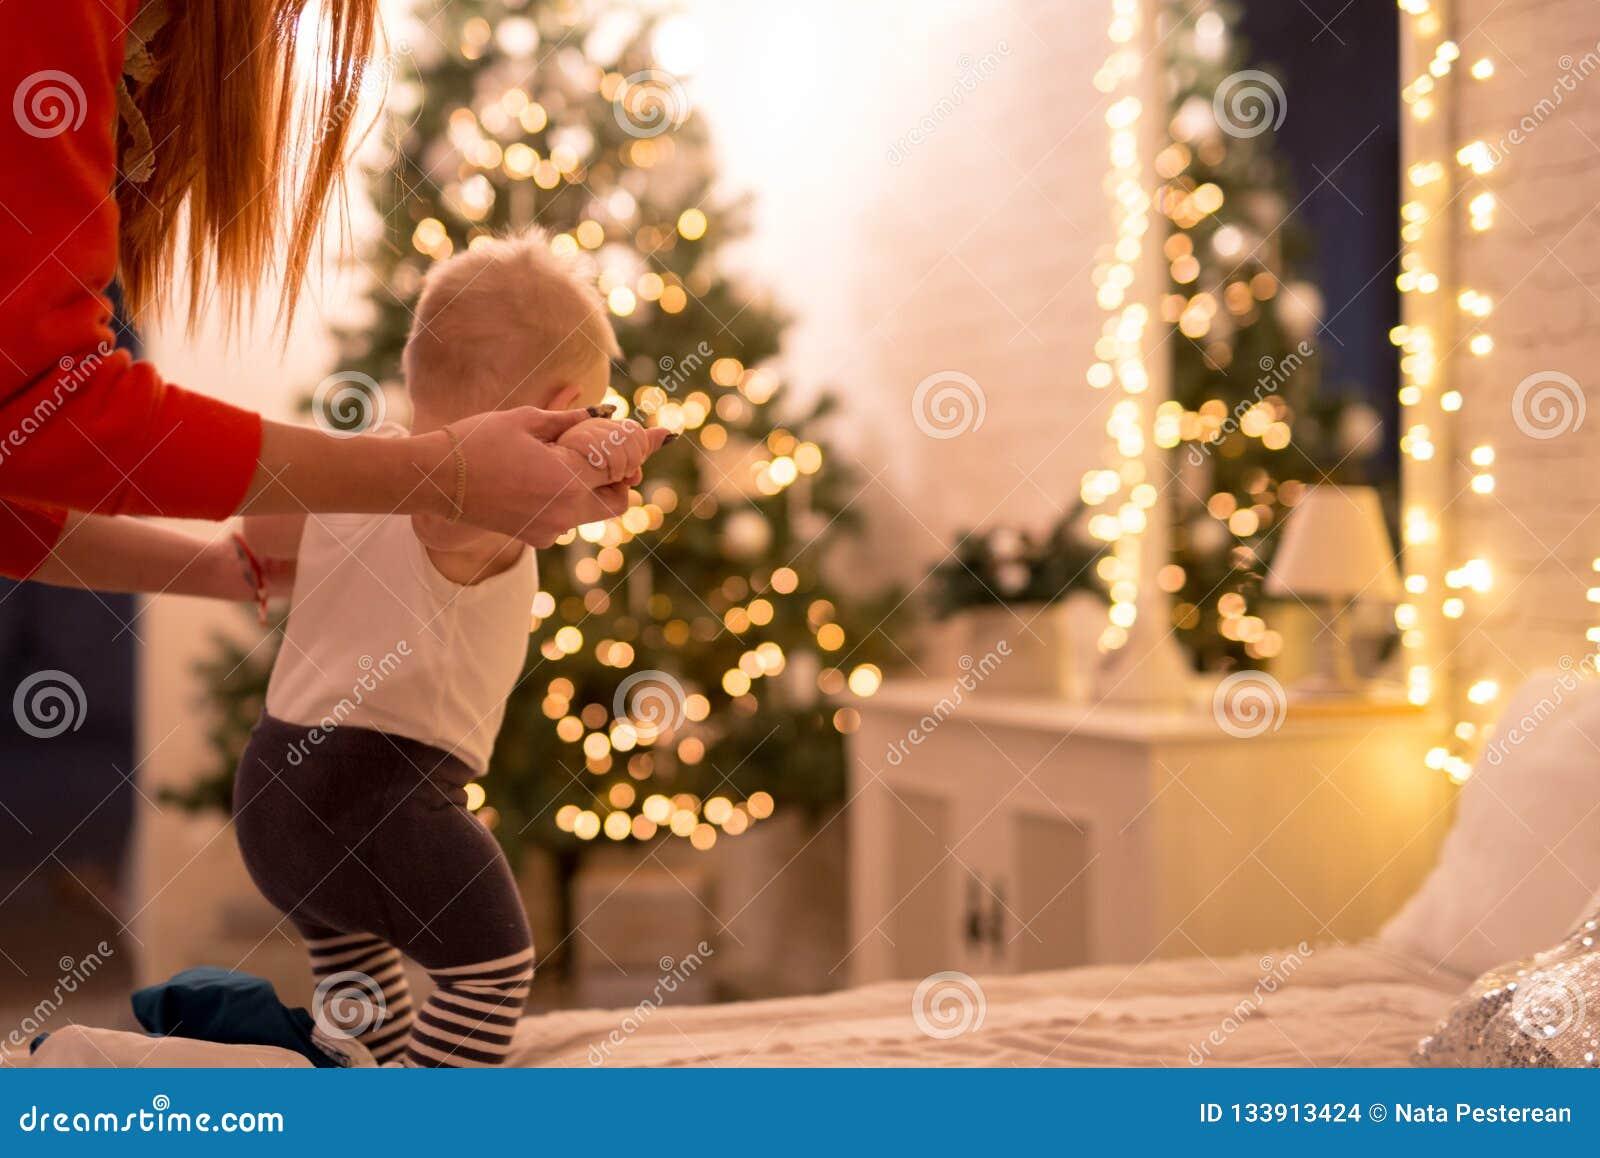 Weinig babyjongen 1 éénjarige die leren hoe te in een verfraaid Nieuwjaarhuis te lopen Mammagreep door de handen van haar zoon